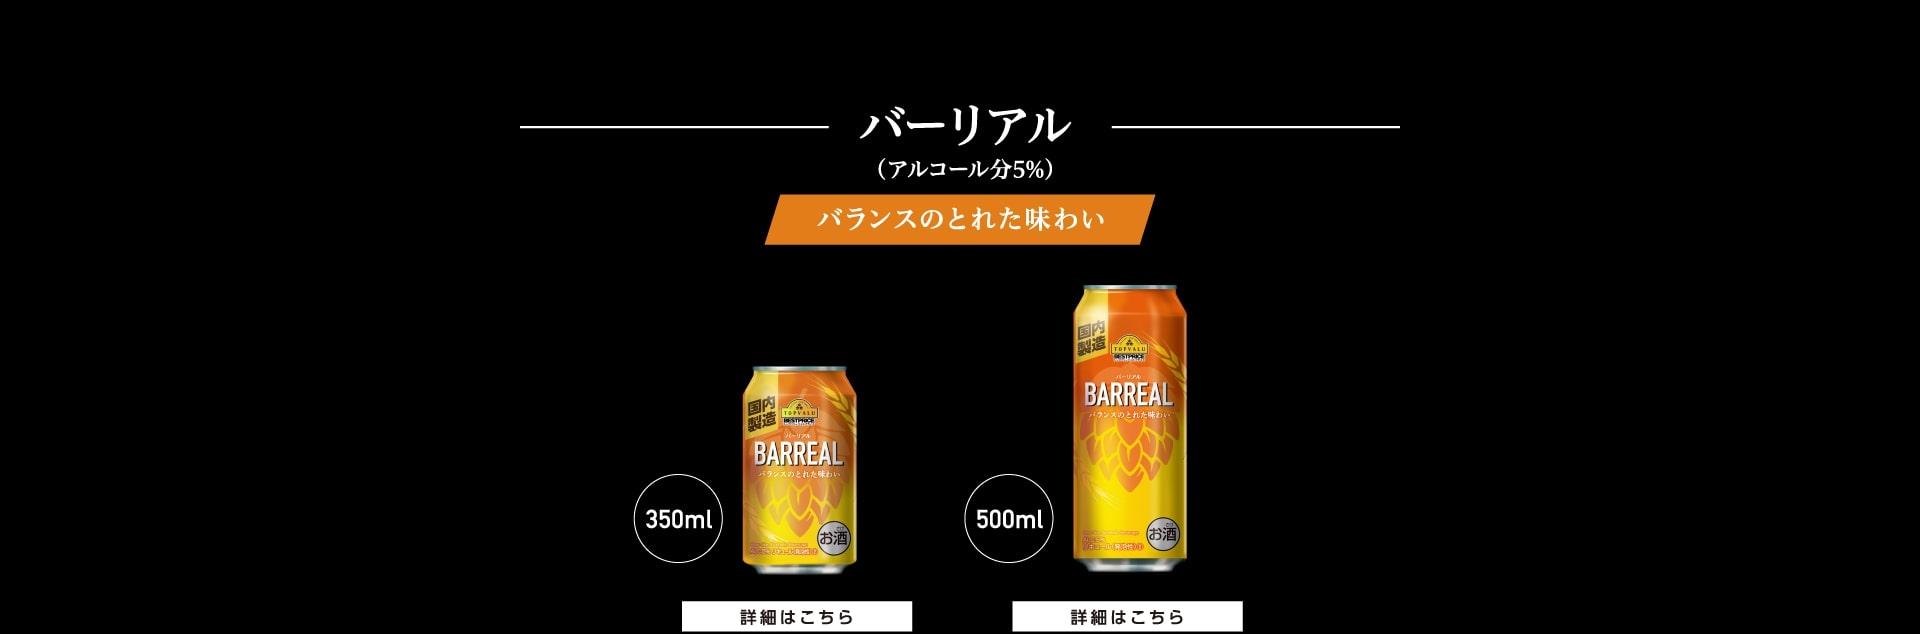 バーリアル(アルコール分5%) バランスのとれた味わい